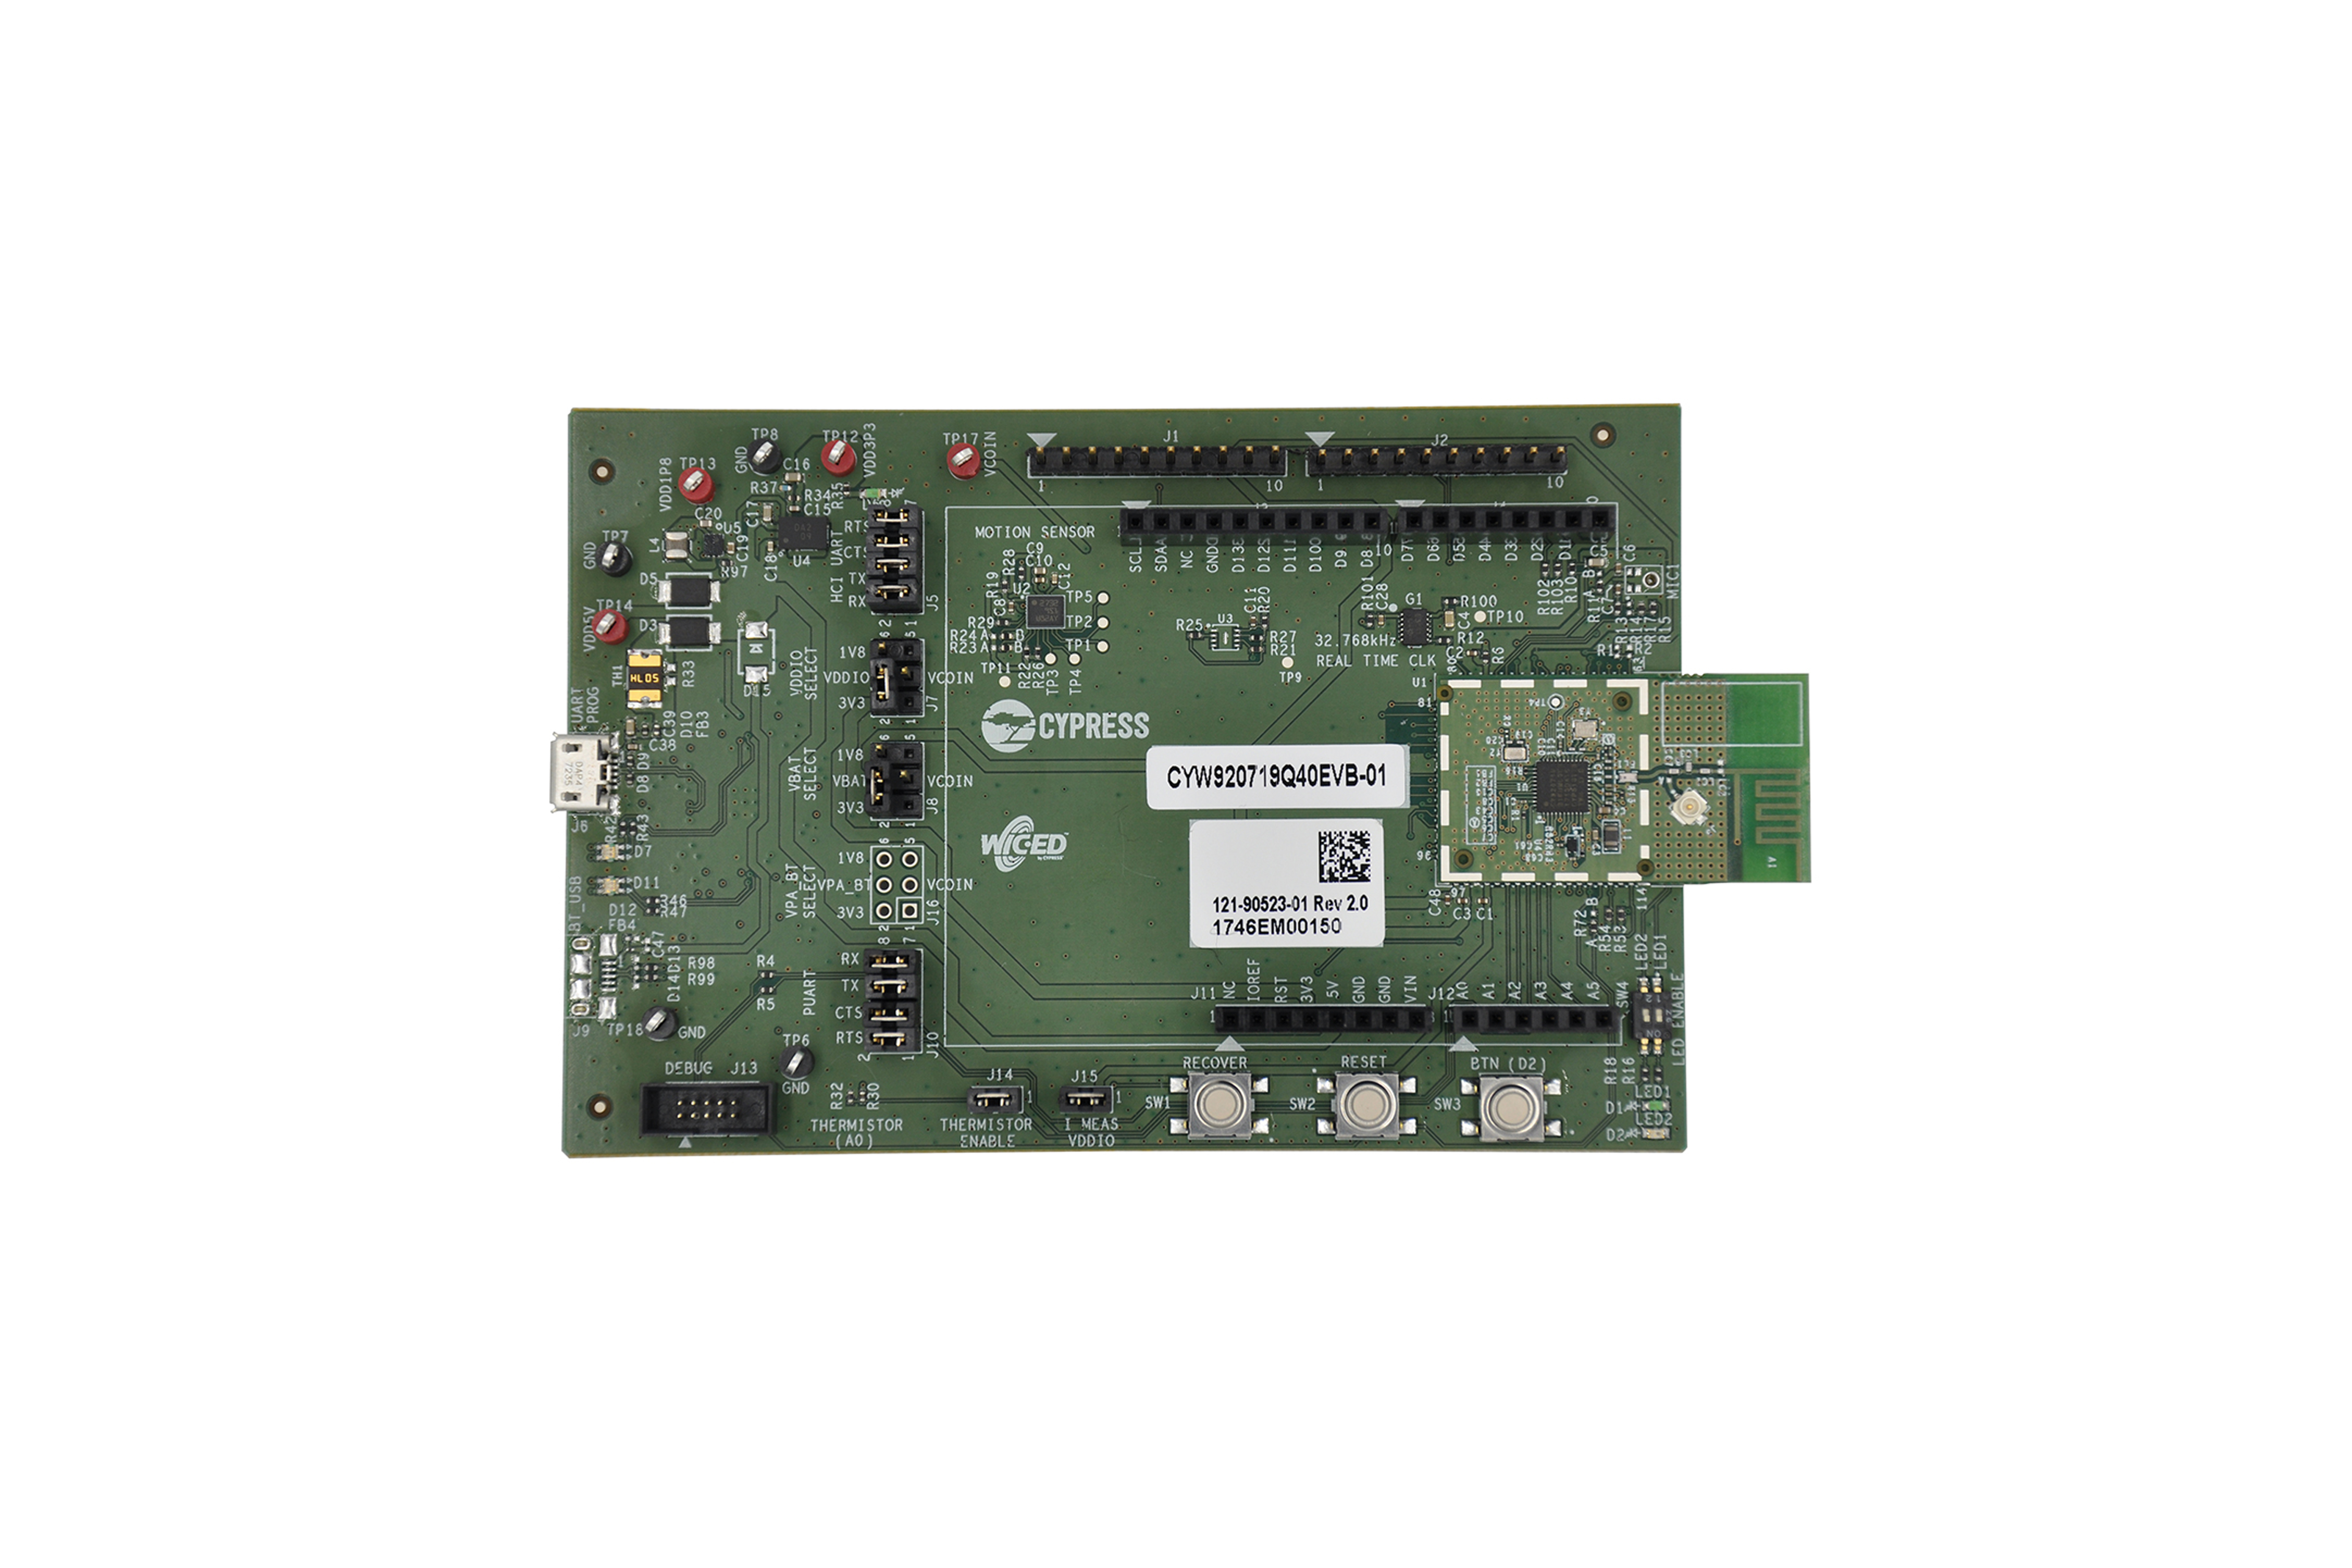 Cyw920719Q40Evb-01 Bluetooth Development